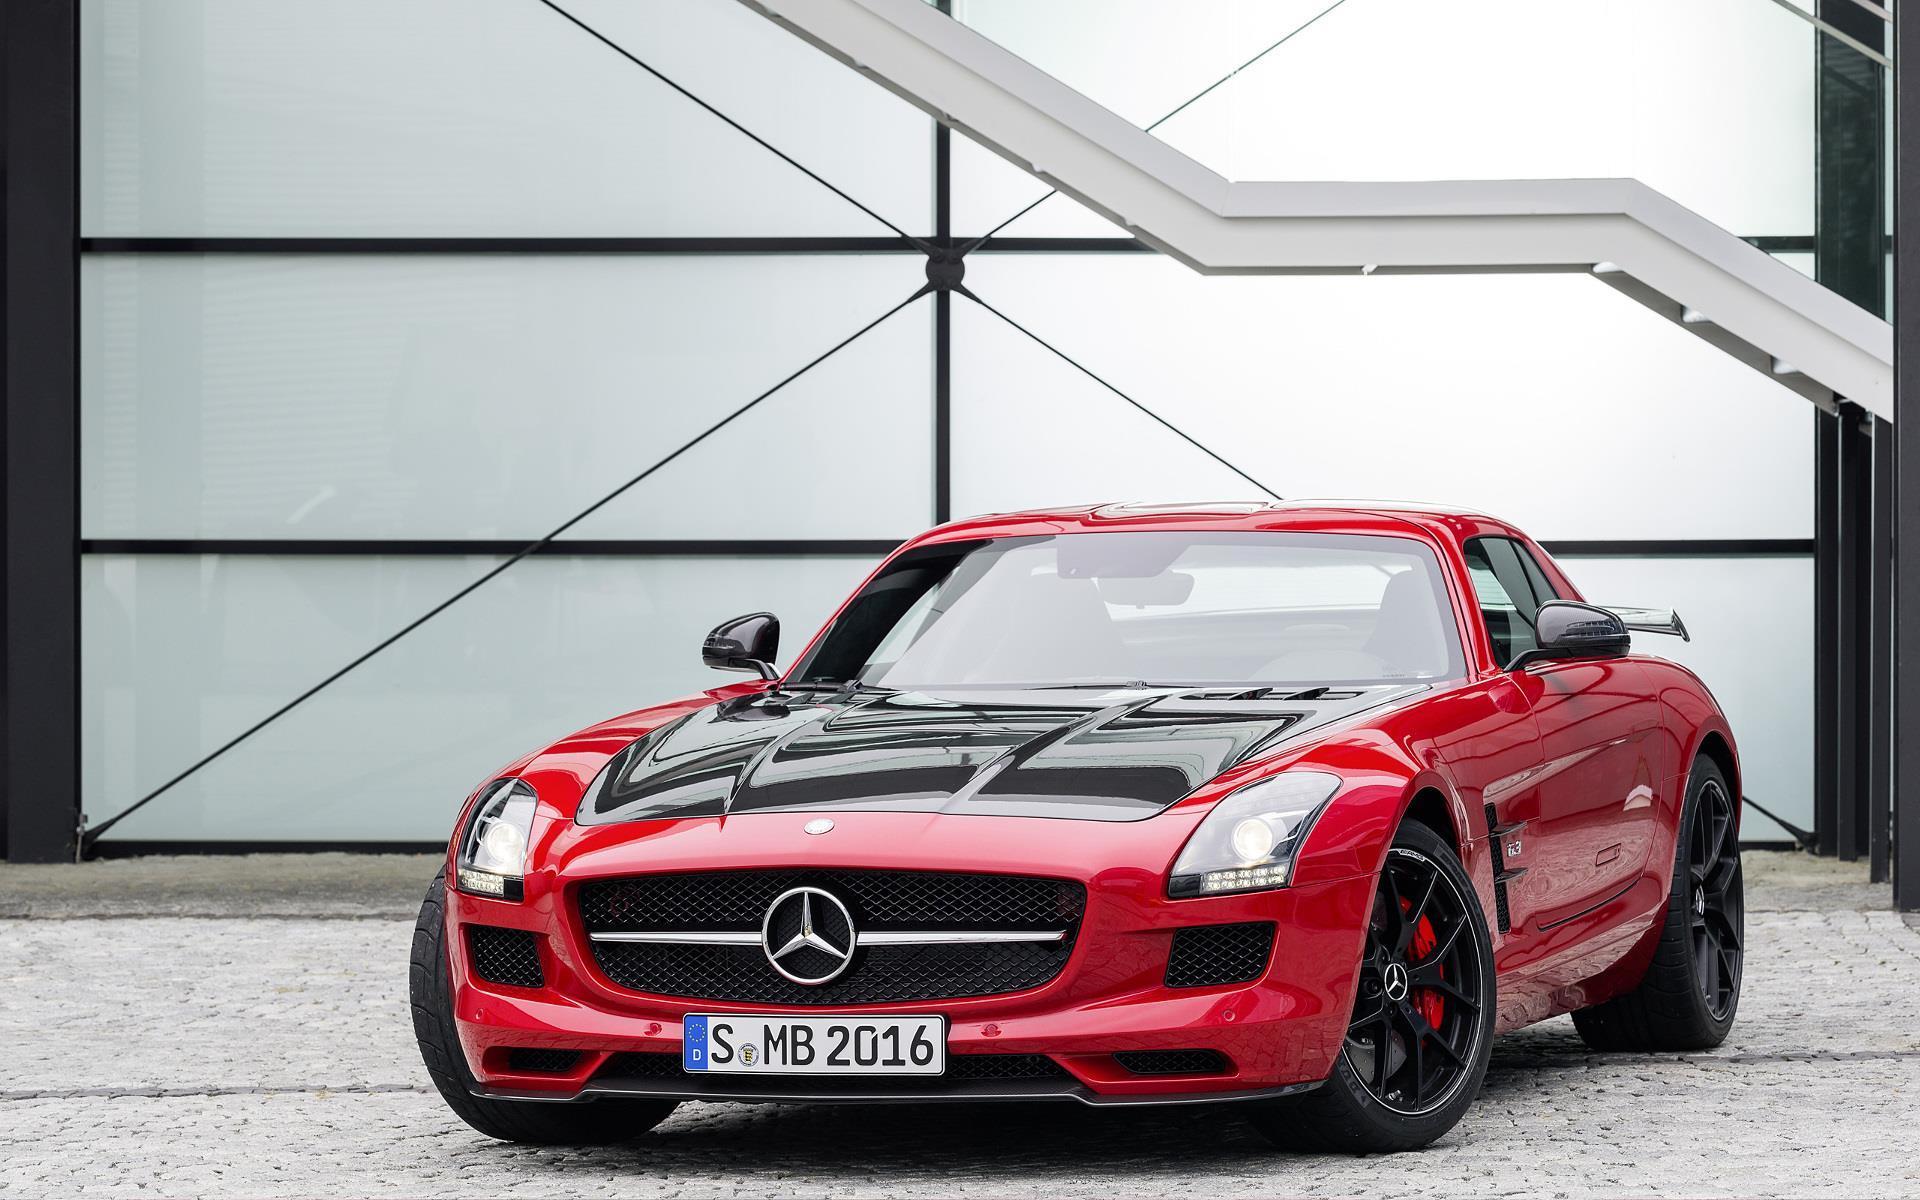 mercedes-concept_special-car-wallpaper-HD_4